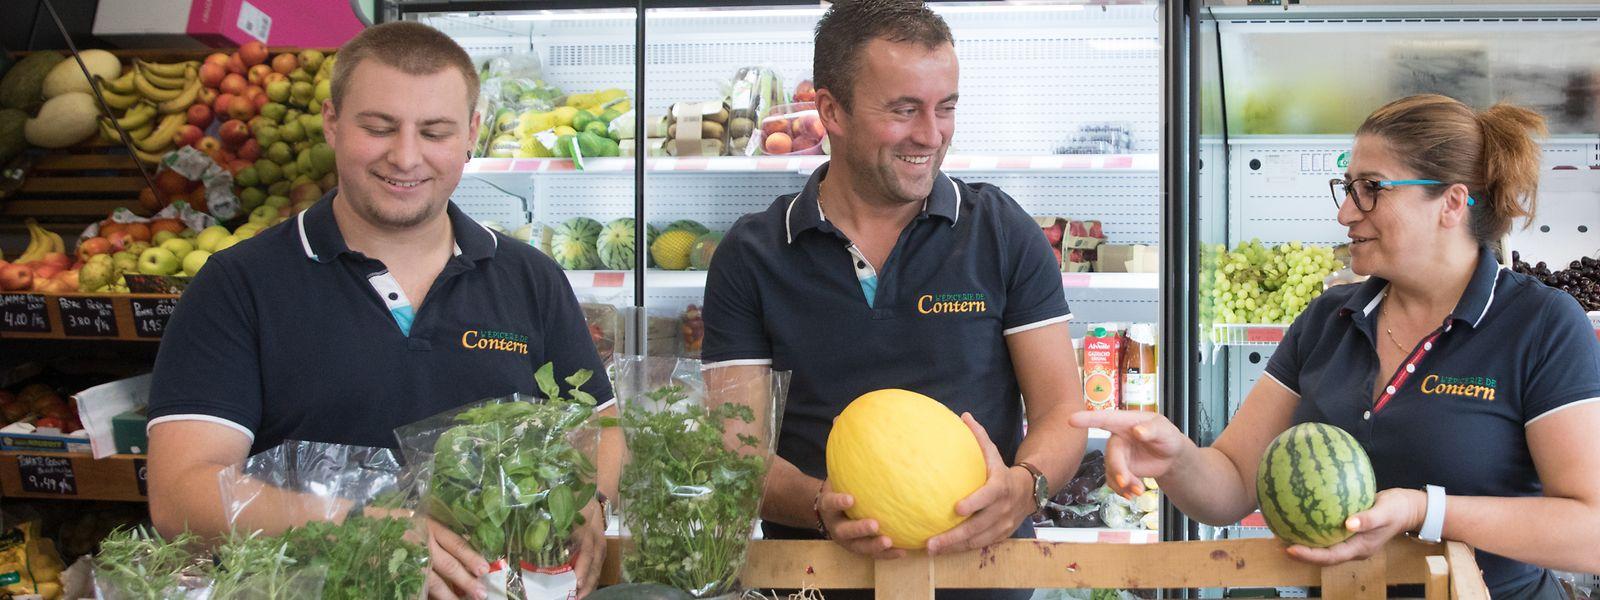 Daniel Abrantes Boto (Mitte) bietet in seinem Dorfladen täglich frisches Obst und Gemüse an. Seine zwei Mitarbeiter, Alex und Fatima, helfen beim Einräumen.